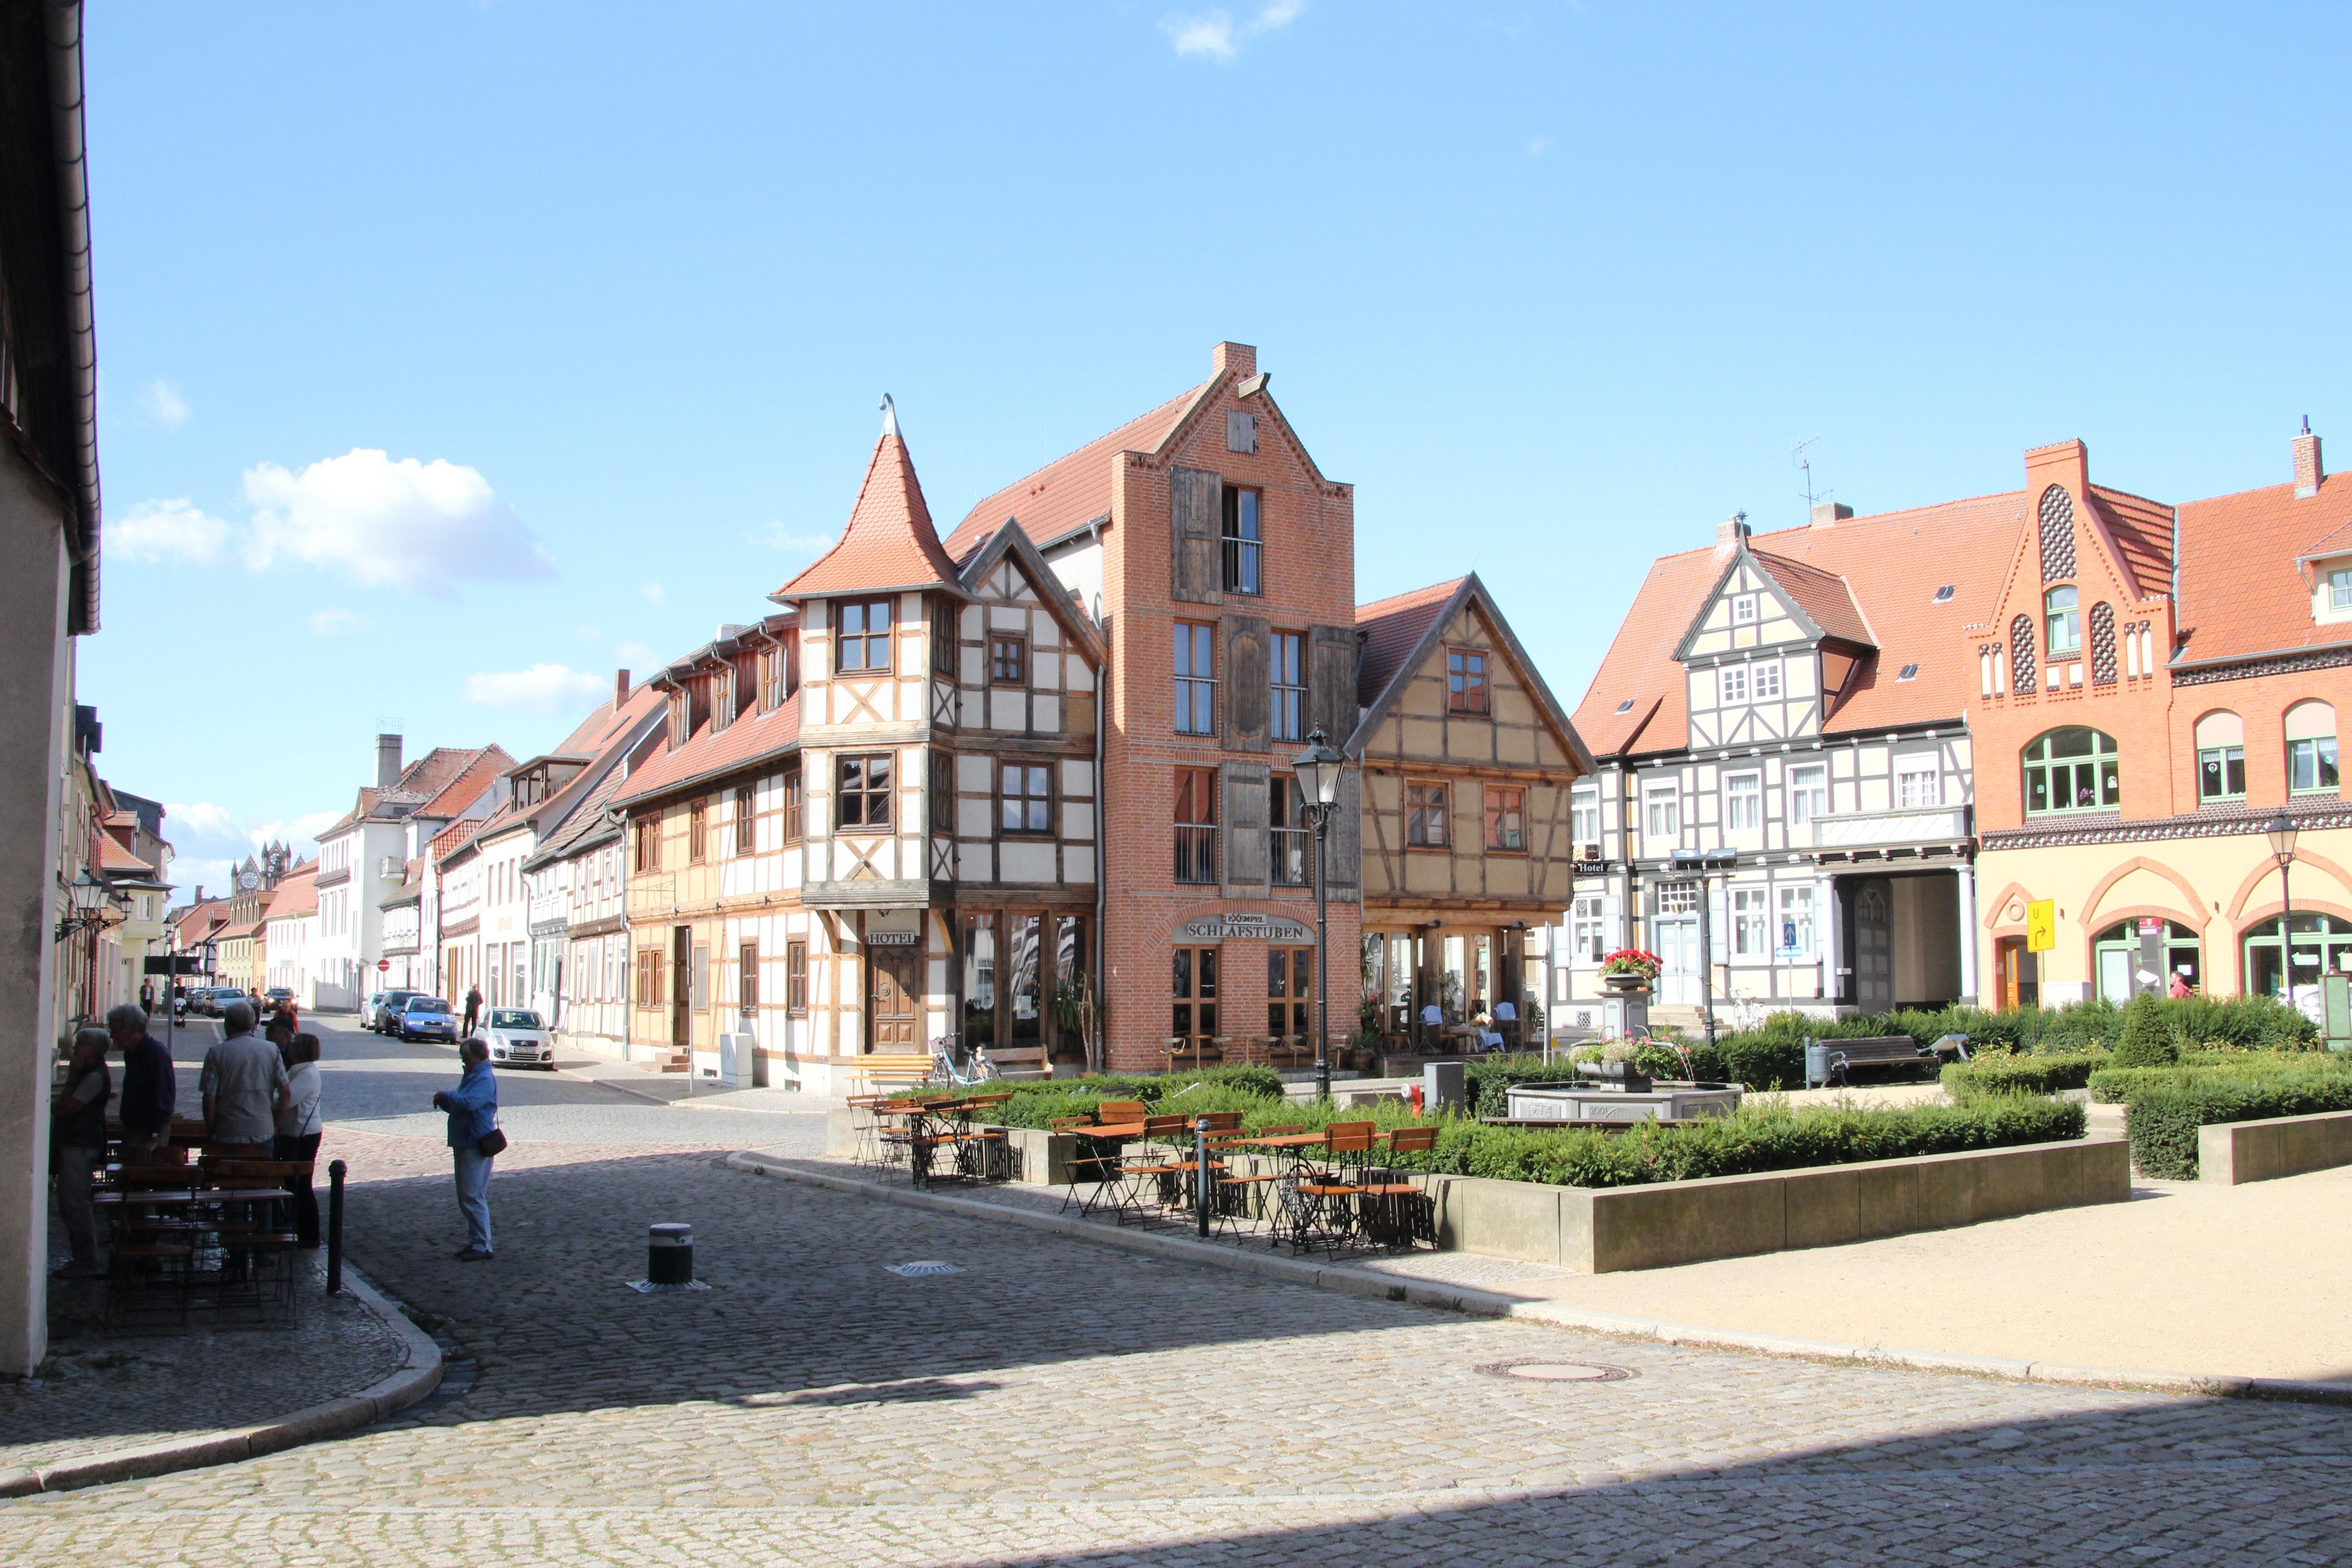 Verschiedene Fachwerkhäuser zieren die Straßen der historischen Innenstadt. Im Zenrum ist ein Hotel mit Gaststätte im mittelalterlichem Flair zu sehen.